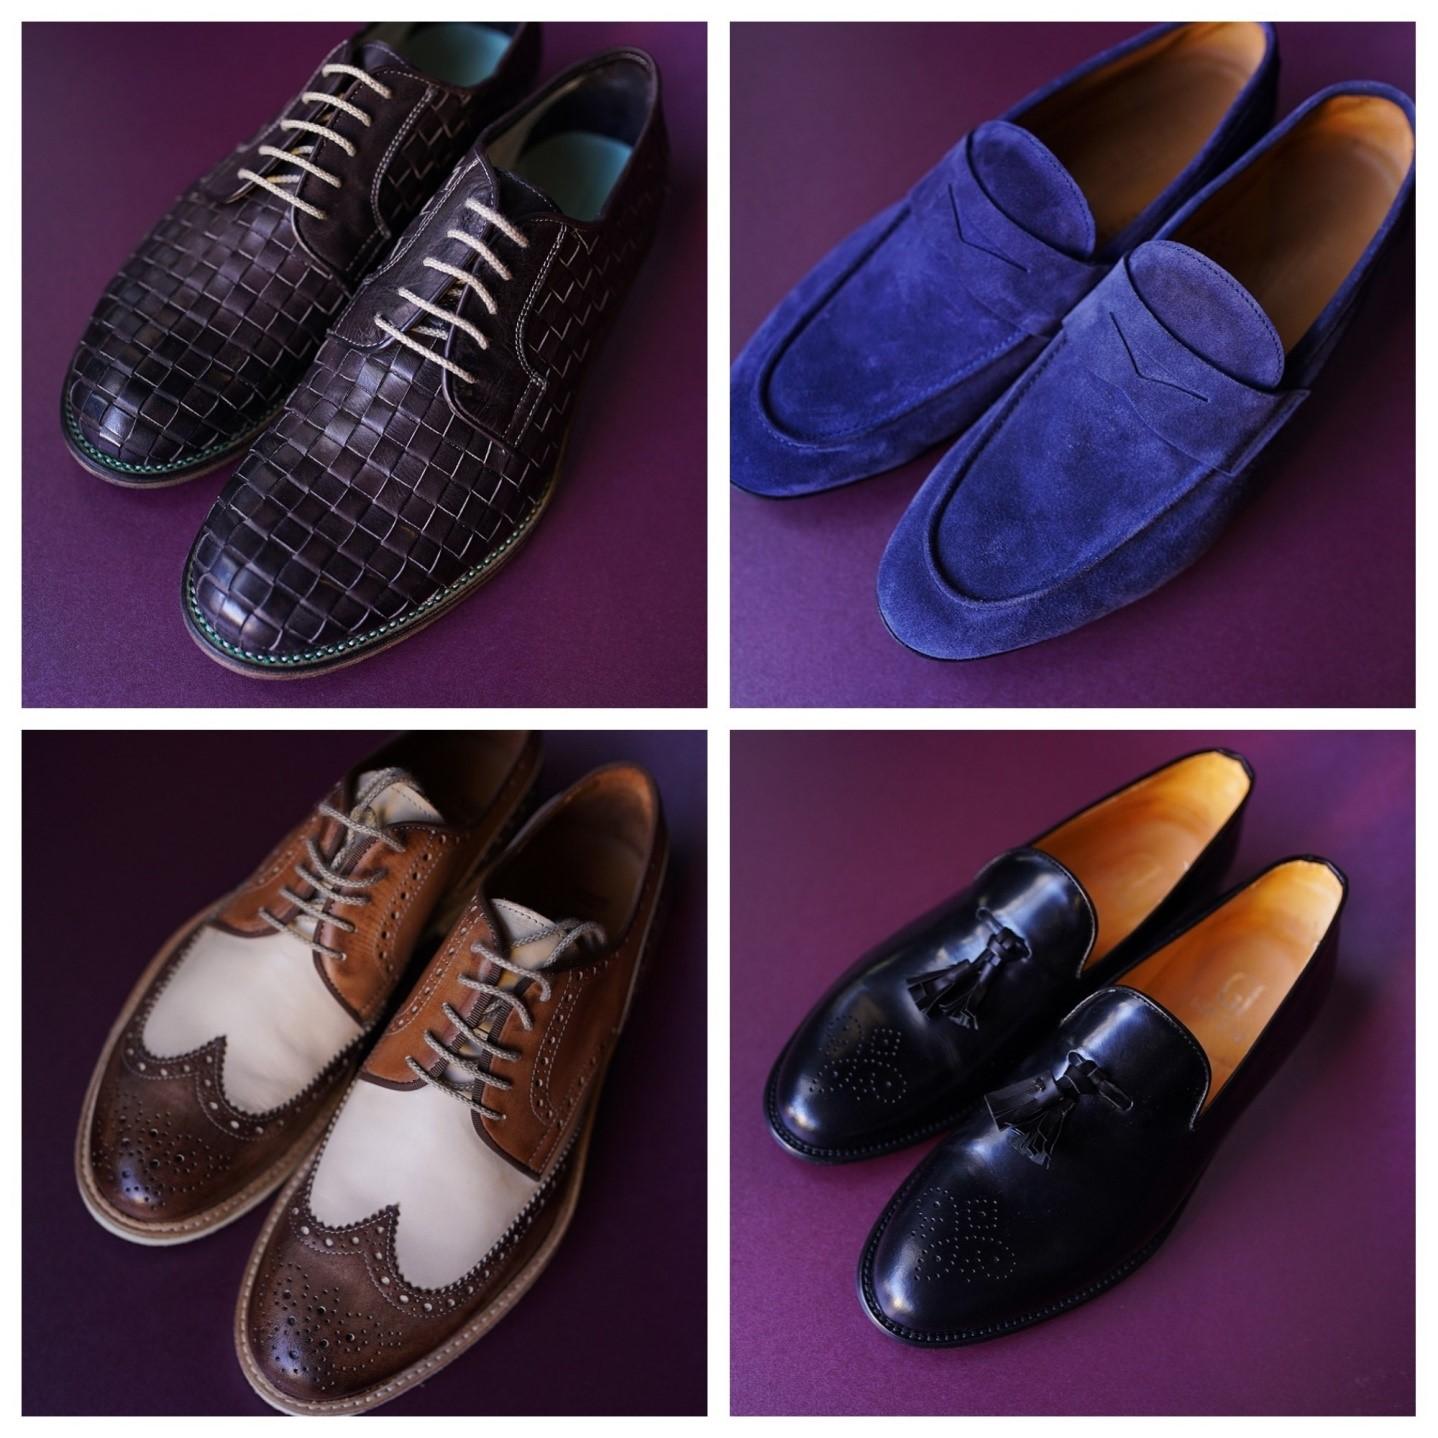 Calitatea, designul și finețea pantofilor iți definesc ținuta!